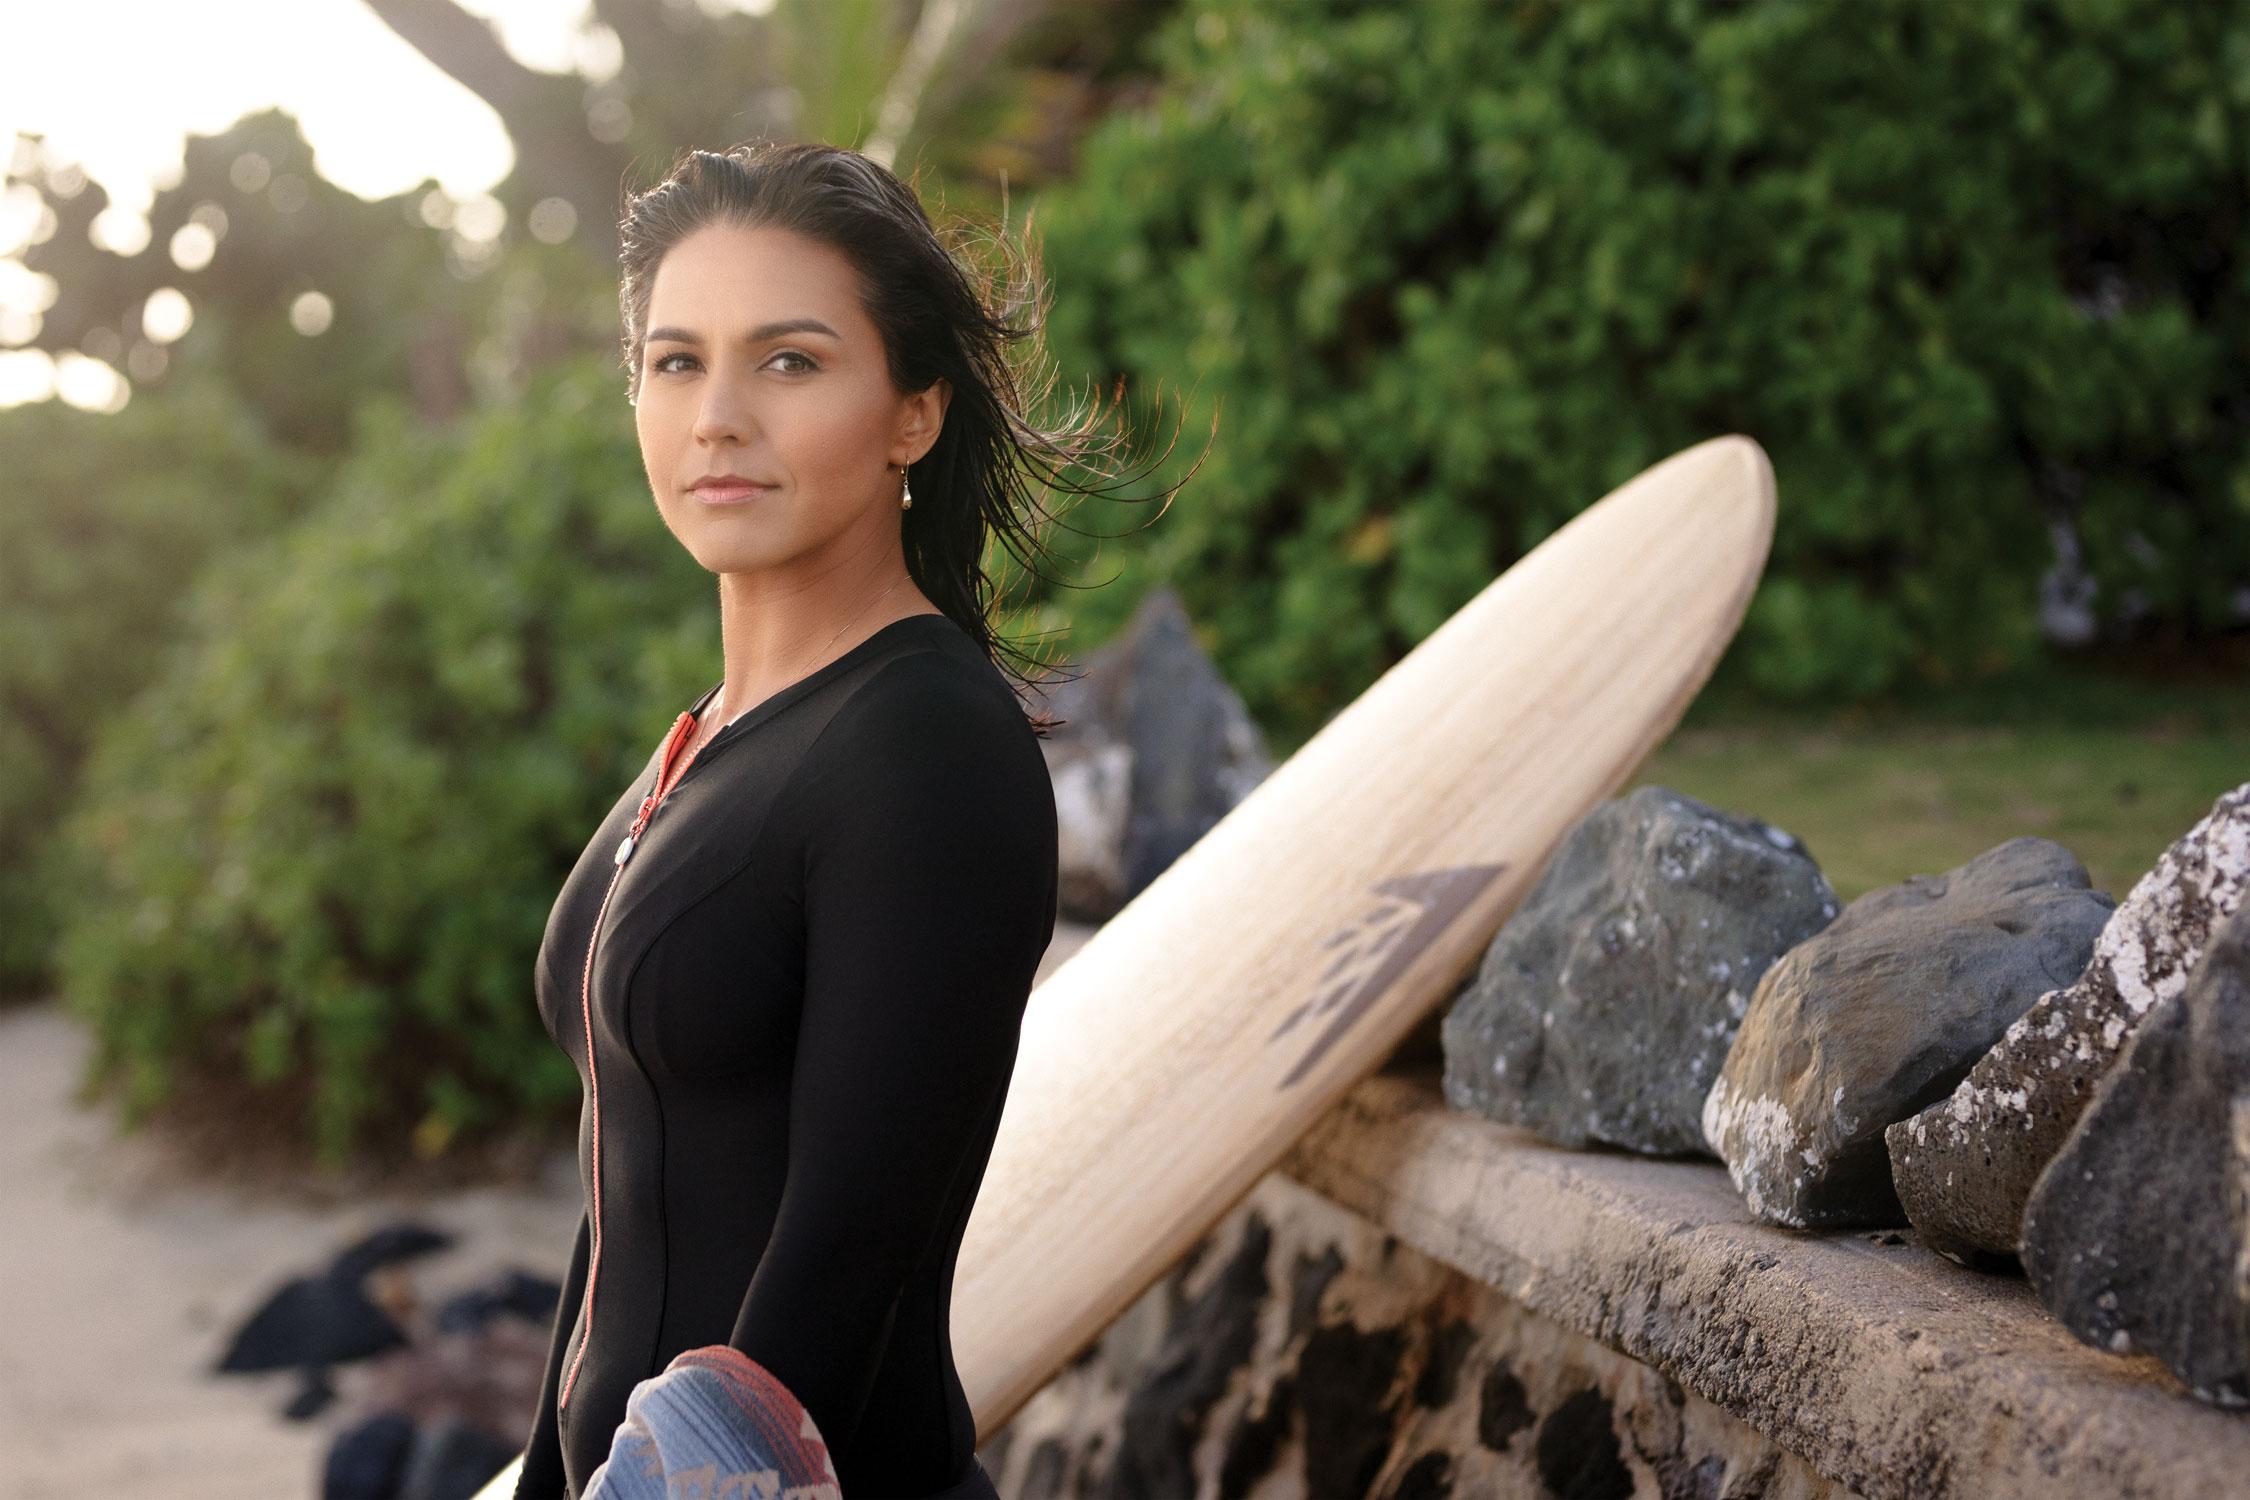 Surfer y veterana de guerra, la mujer que podría arrebatarle el puesto a Trump